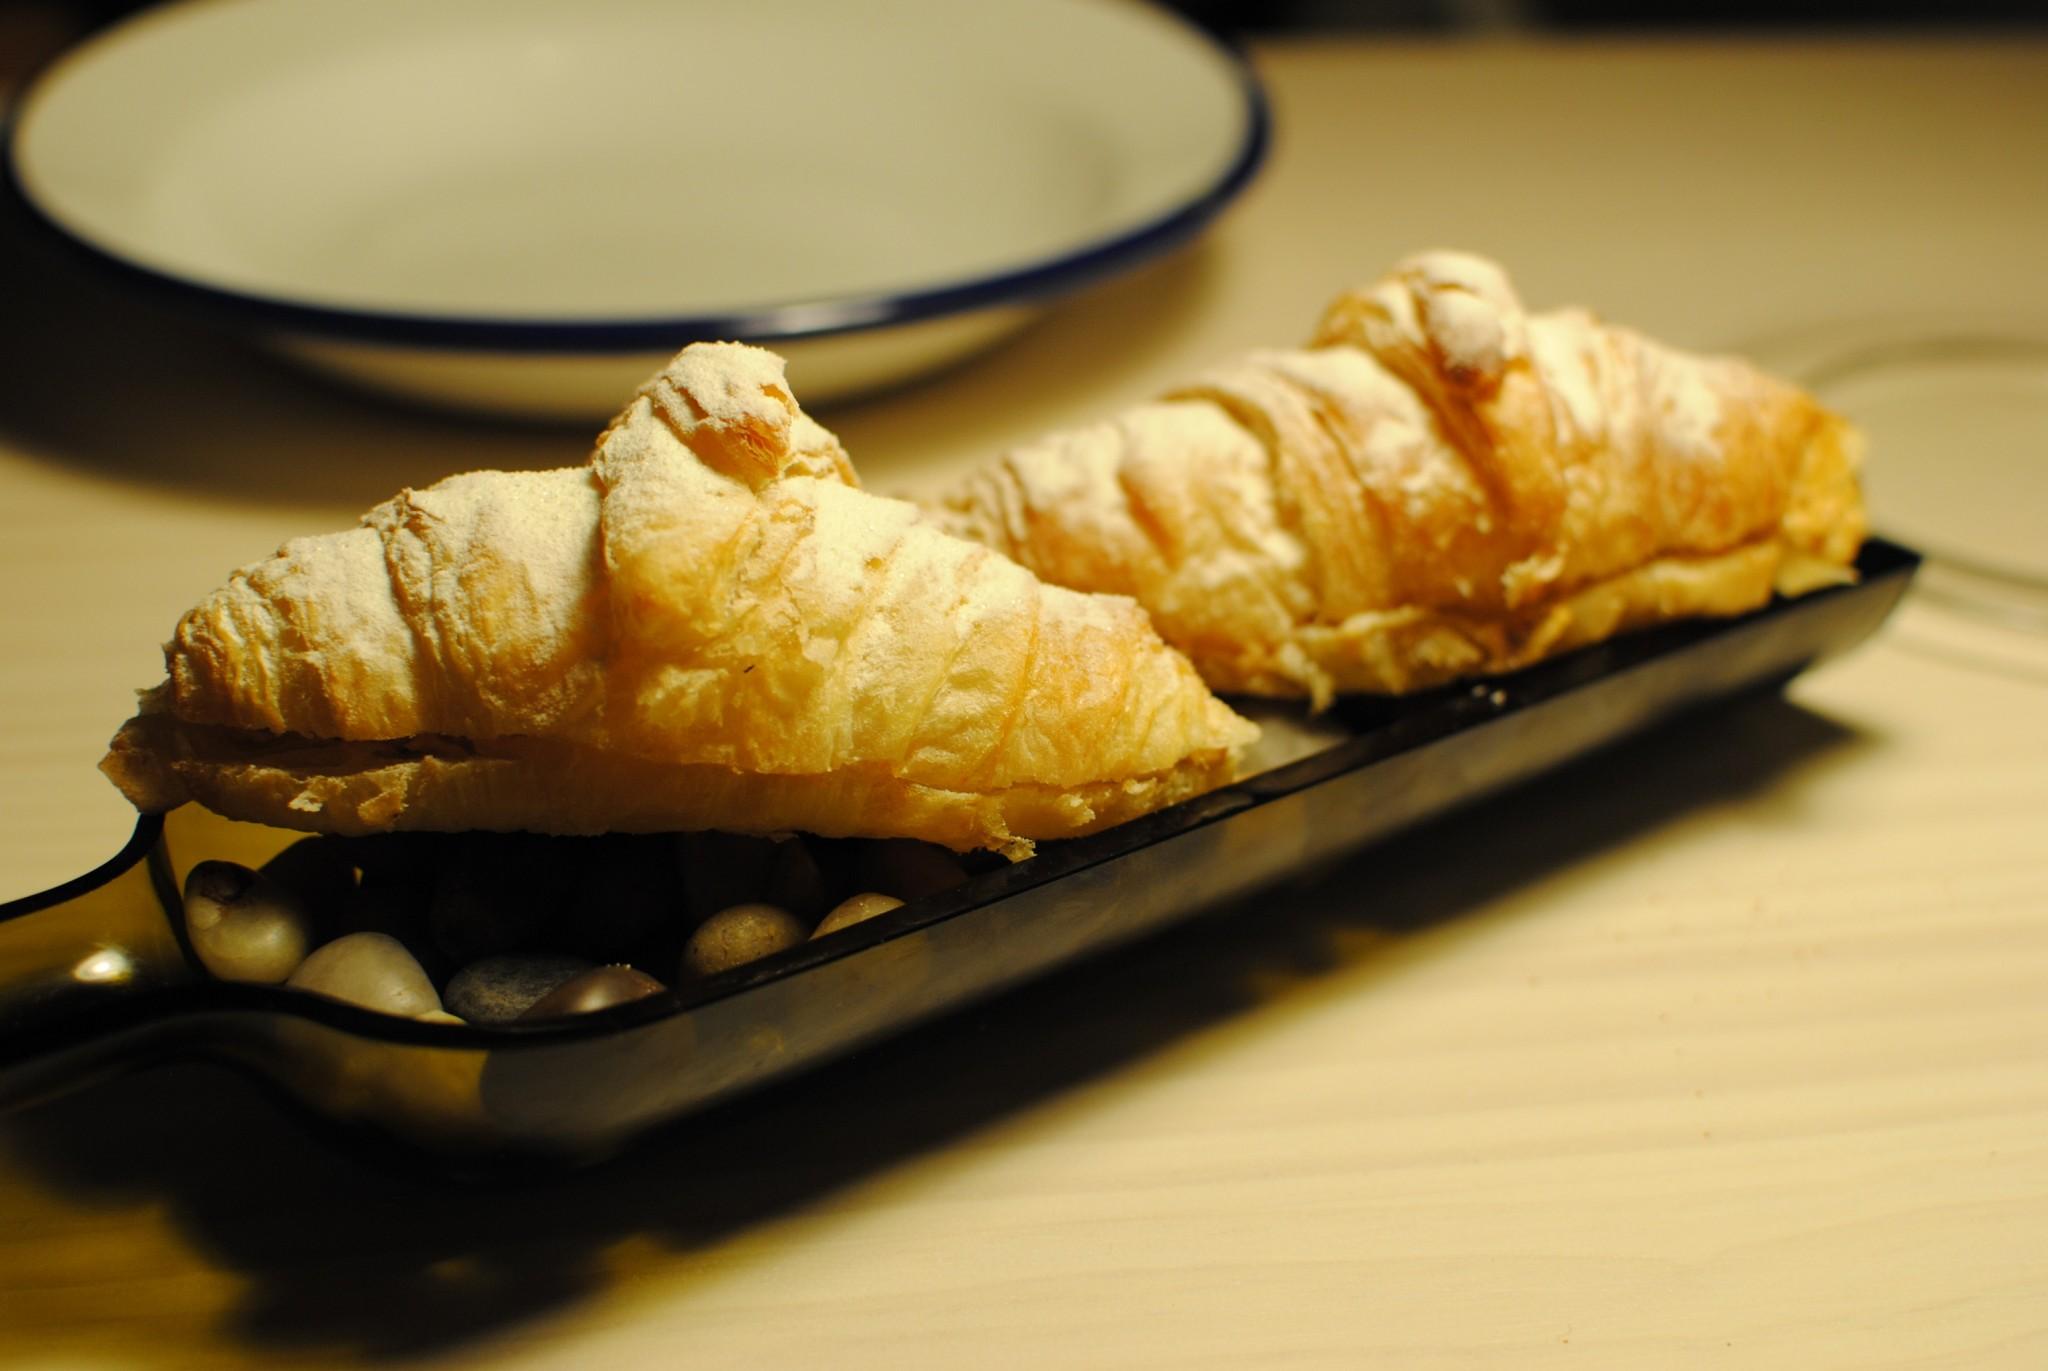 Croissant Al Trapo